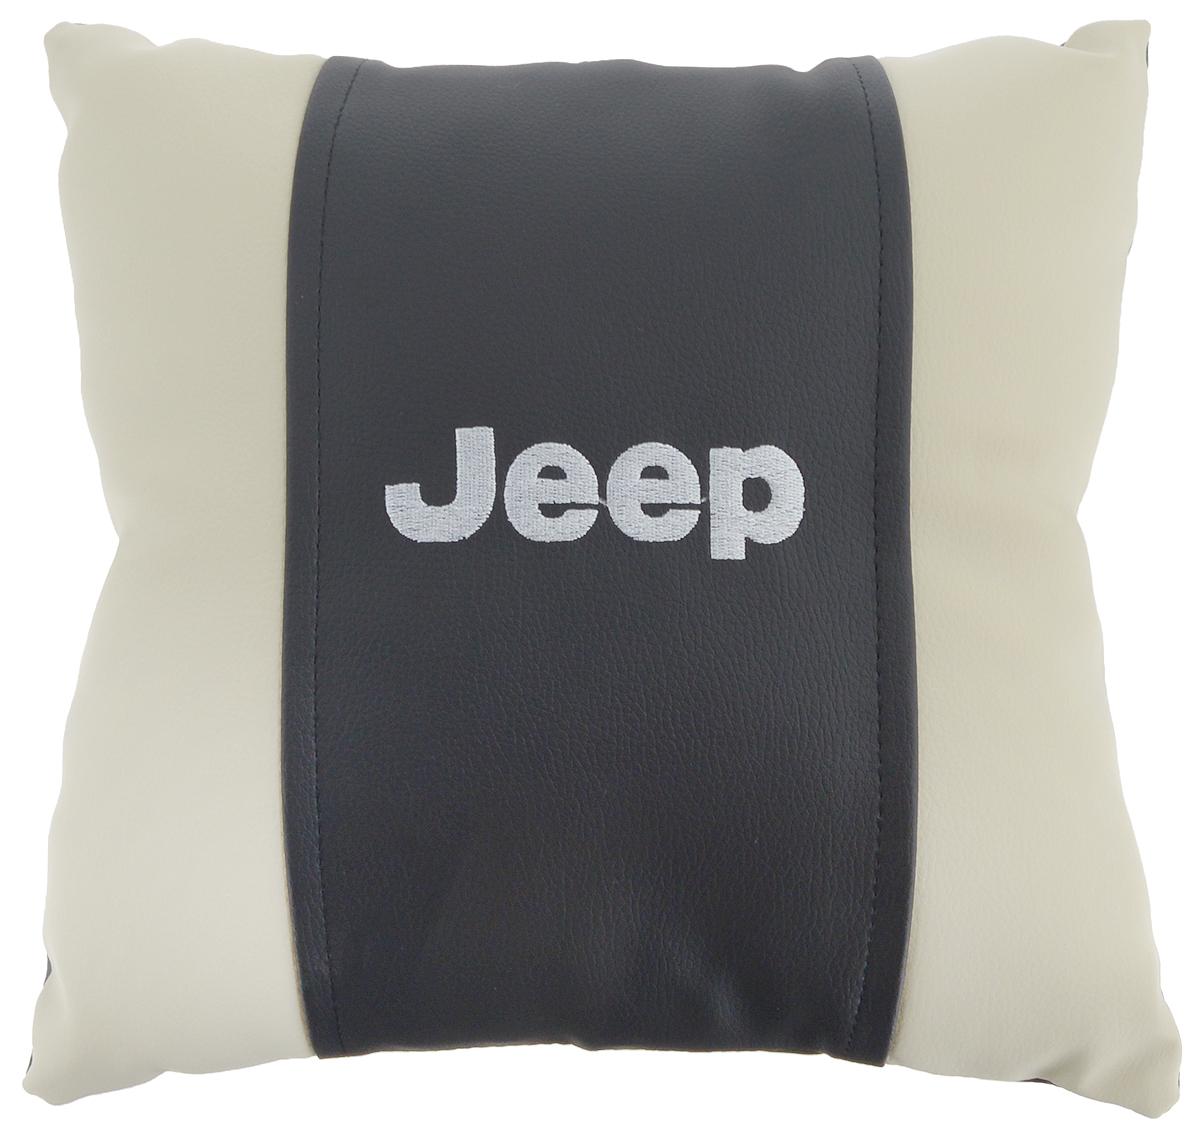 Подушка на сиденье Autoparts Jeep, 30 х 30 смМ074Подушка на сиденье Autoparts Jeep создана для тех, кто весь свой день вынужден проводить за рулем. Чехол выполнен из высококачественной дышащей экокожи. Наполнителем служит холлофайбер. На задней части подушки имеется змейка.Особенности подушки:- Хорошо проветривается.- Предупреждает потение.- Поддерживает комфортную температуру.- Обминается по форме тела.- Улучшает кровообращение.- Исключает затечные явления.- Предупреждает развитие заболеваний, связанных с сидячим образом жизни. Подушка также будет полезна и дома - при работе за компьютером, школьникам - при выполнении домашних работ, да и в любимом кресле перед телевизором.